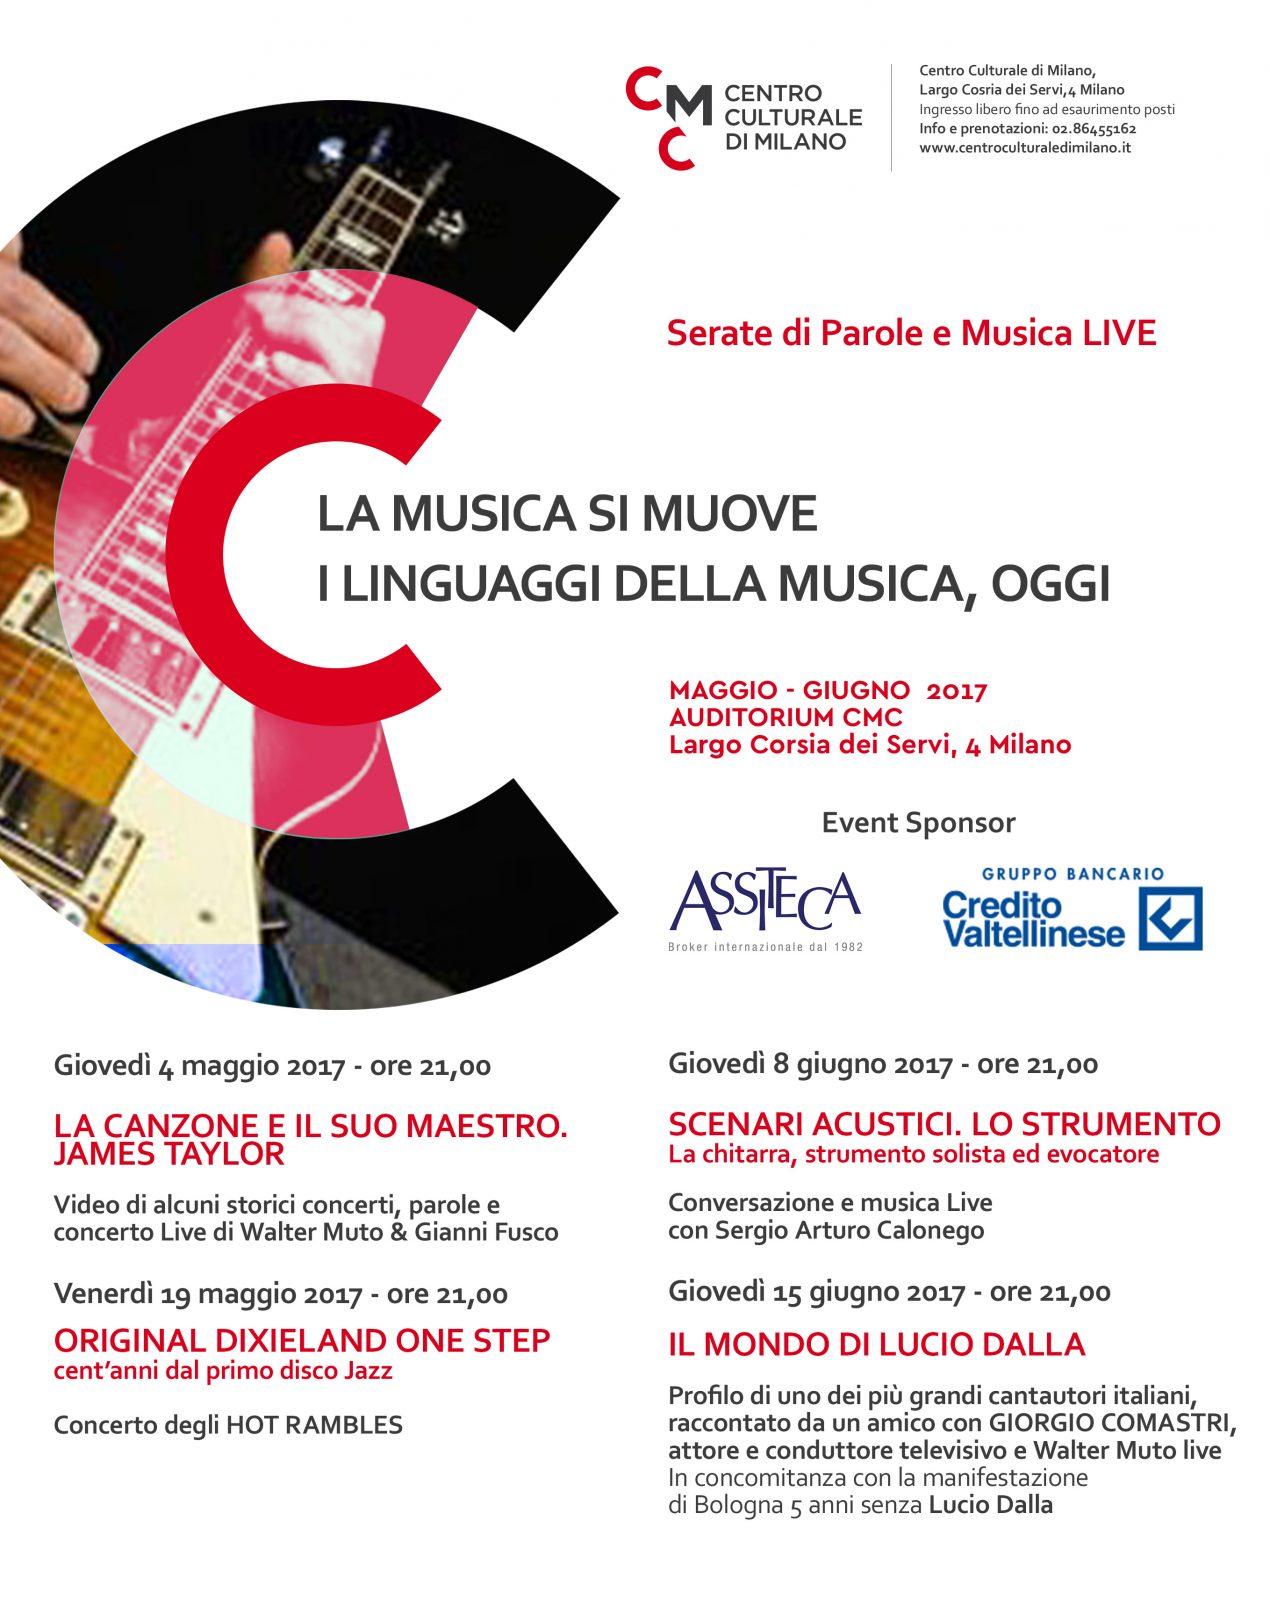 CMC - I linguaggi della musica